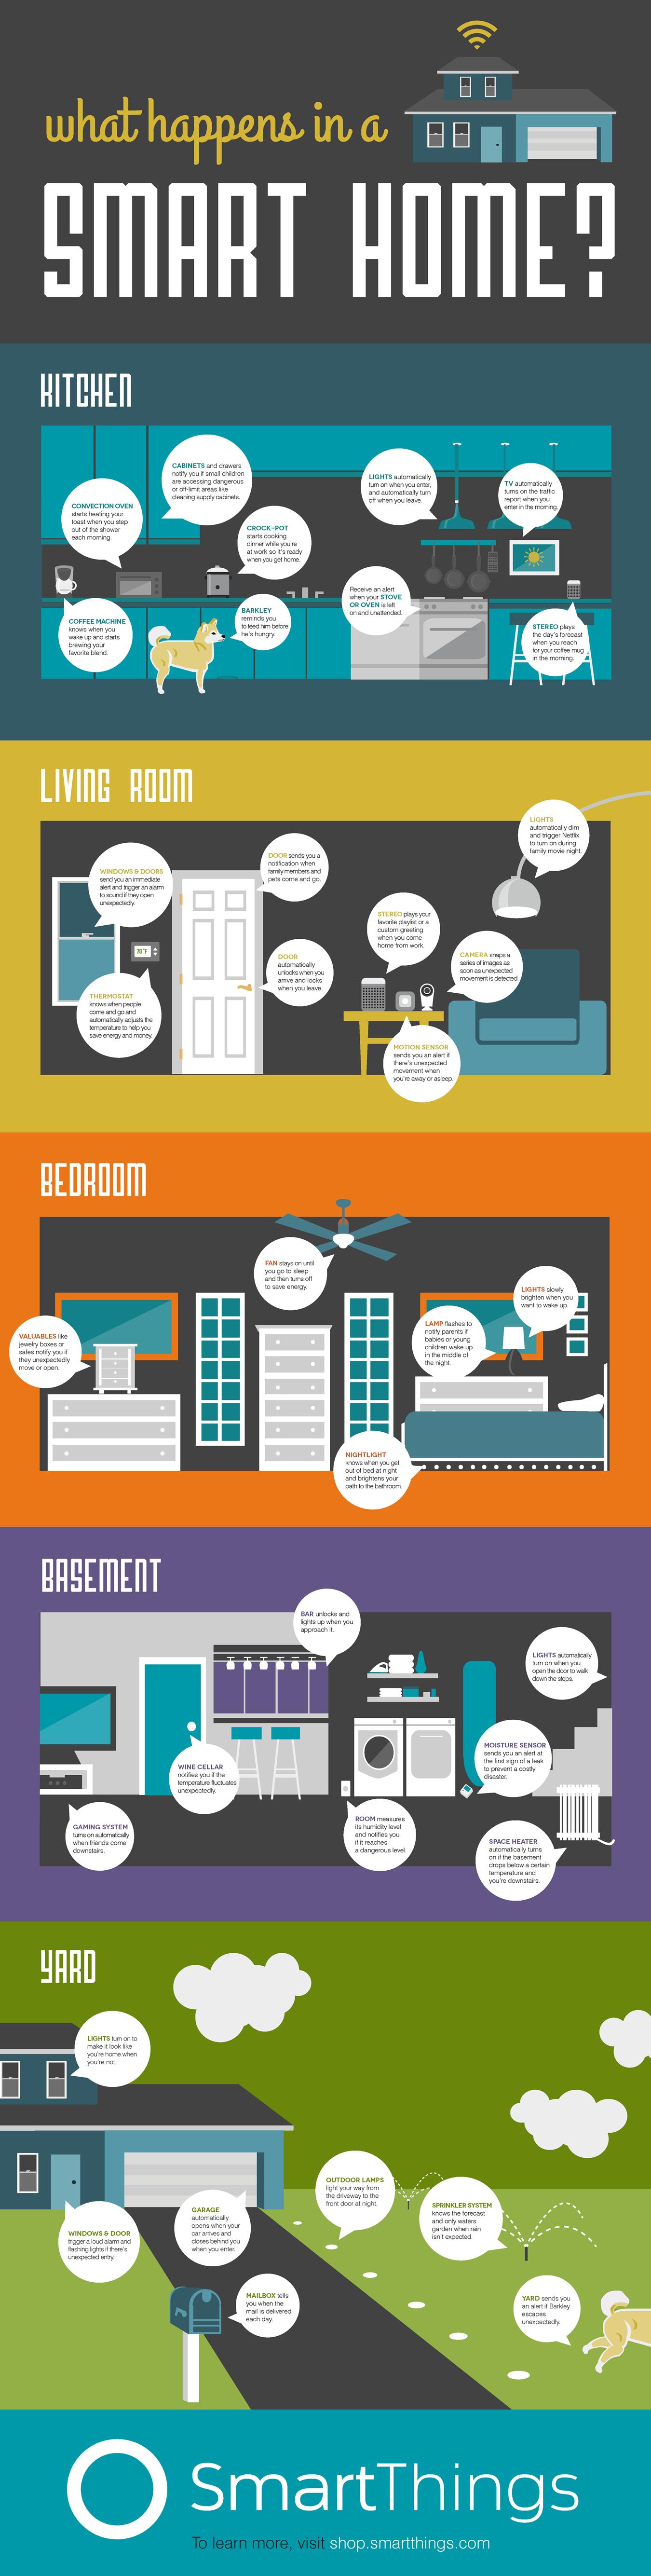 smart homes - functies en mogelijkheden infograhpic